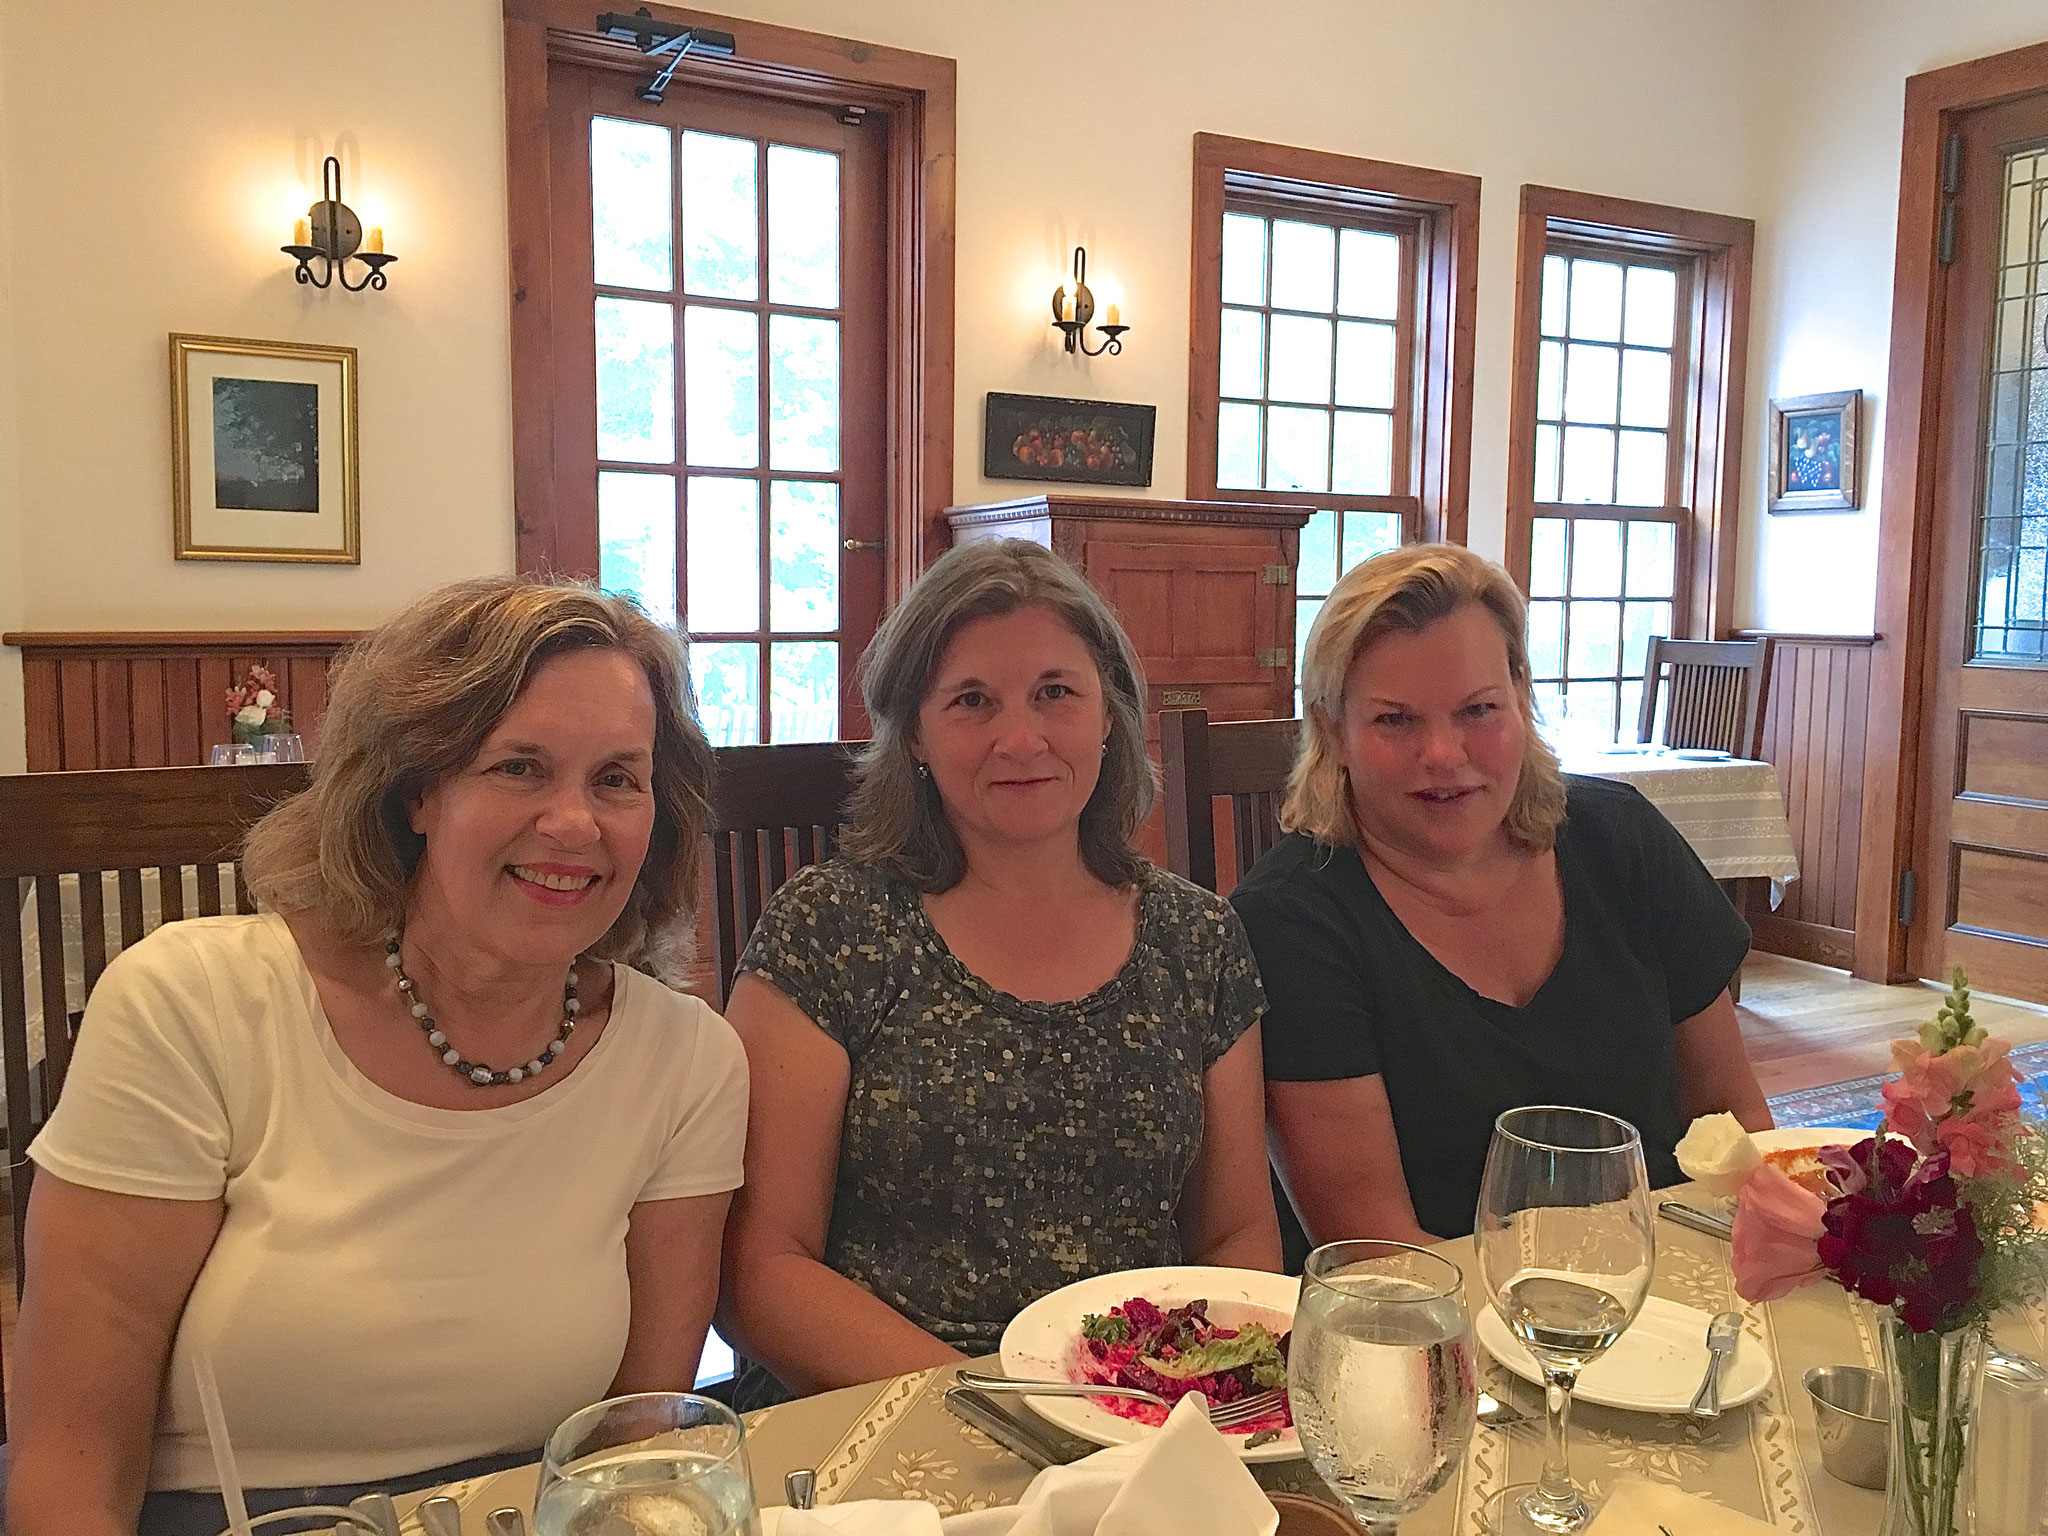 First cousins Lorraine, Cyndi, Celeste